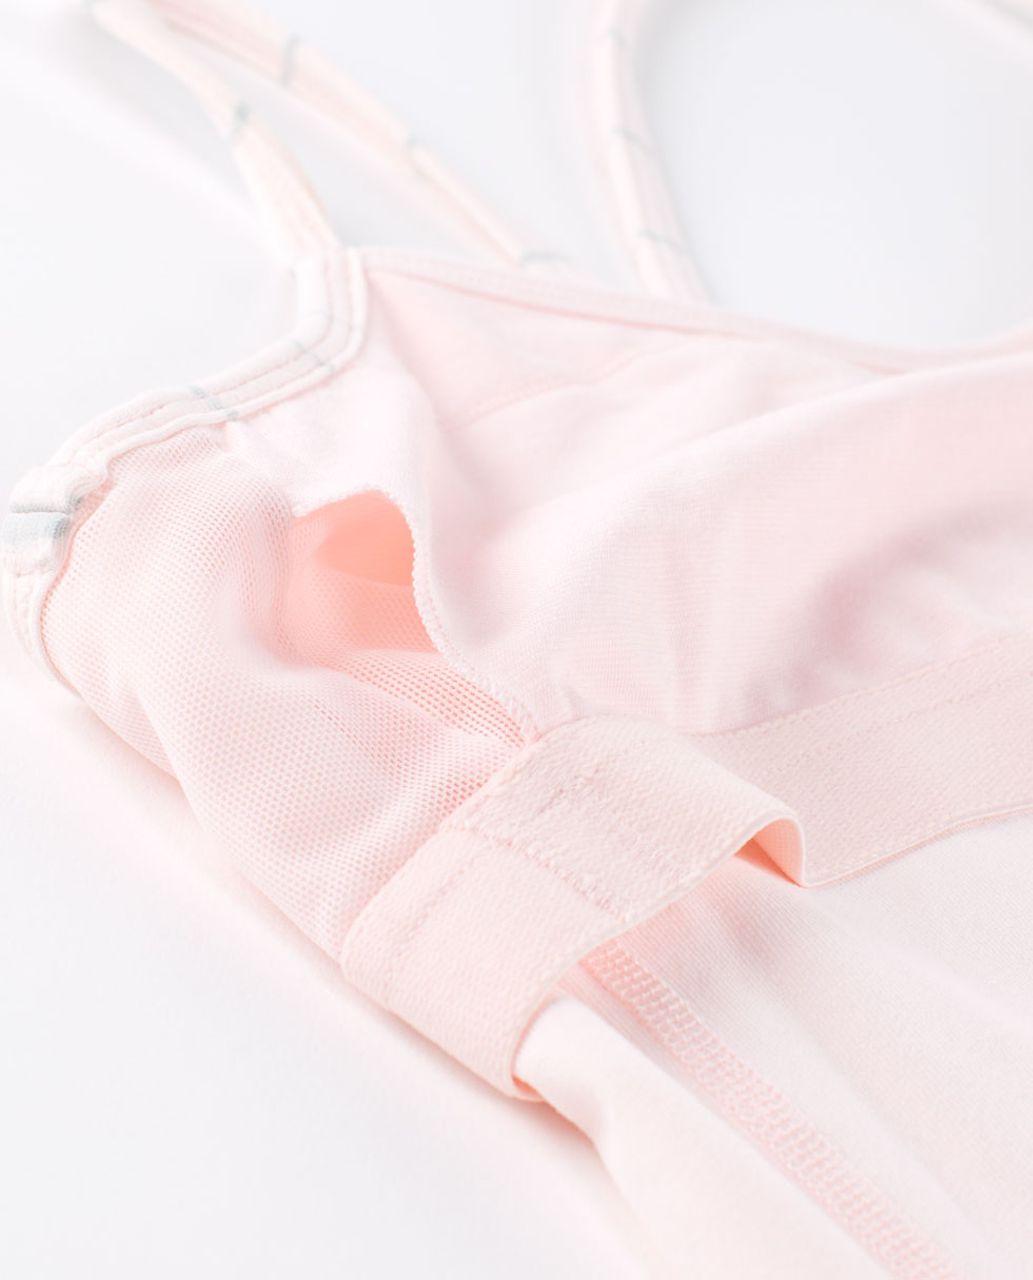 Lululemon Power Y Tank *Luon Light - Pretty Pink / Slalom Stripe Pretty Pink